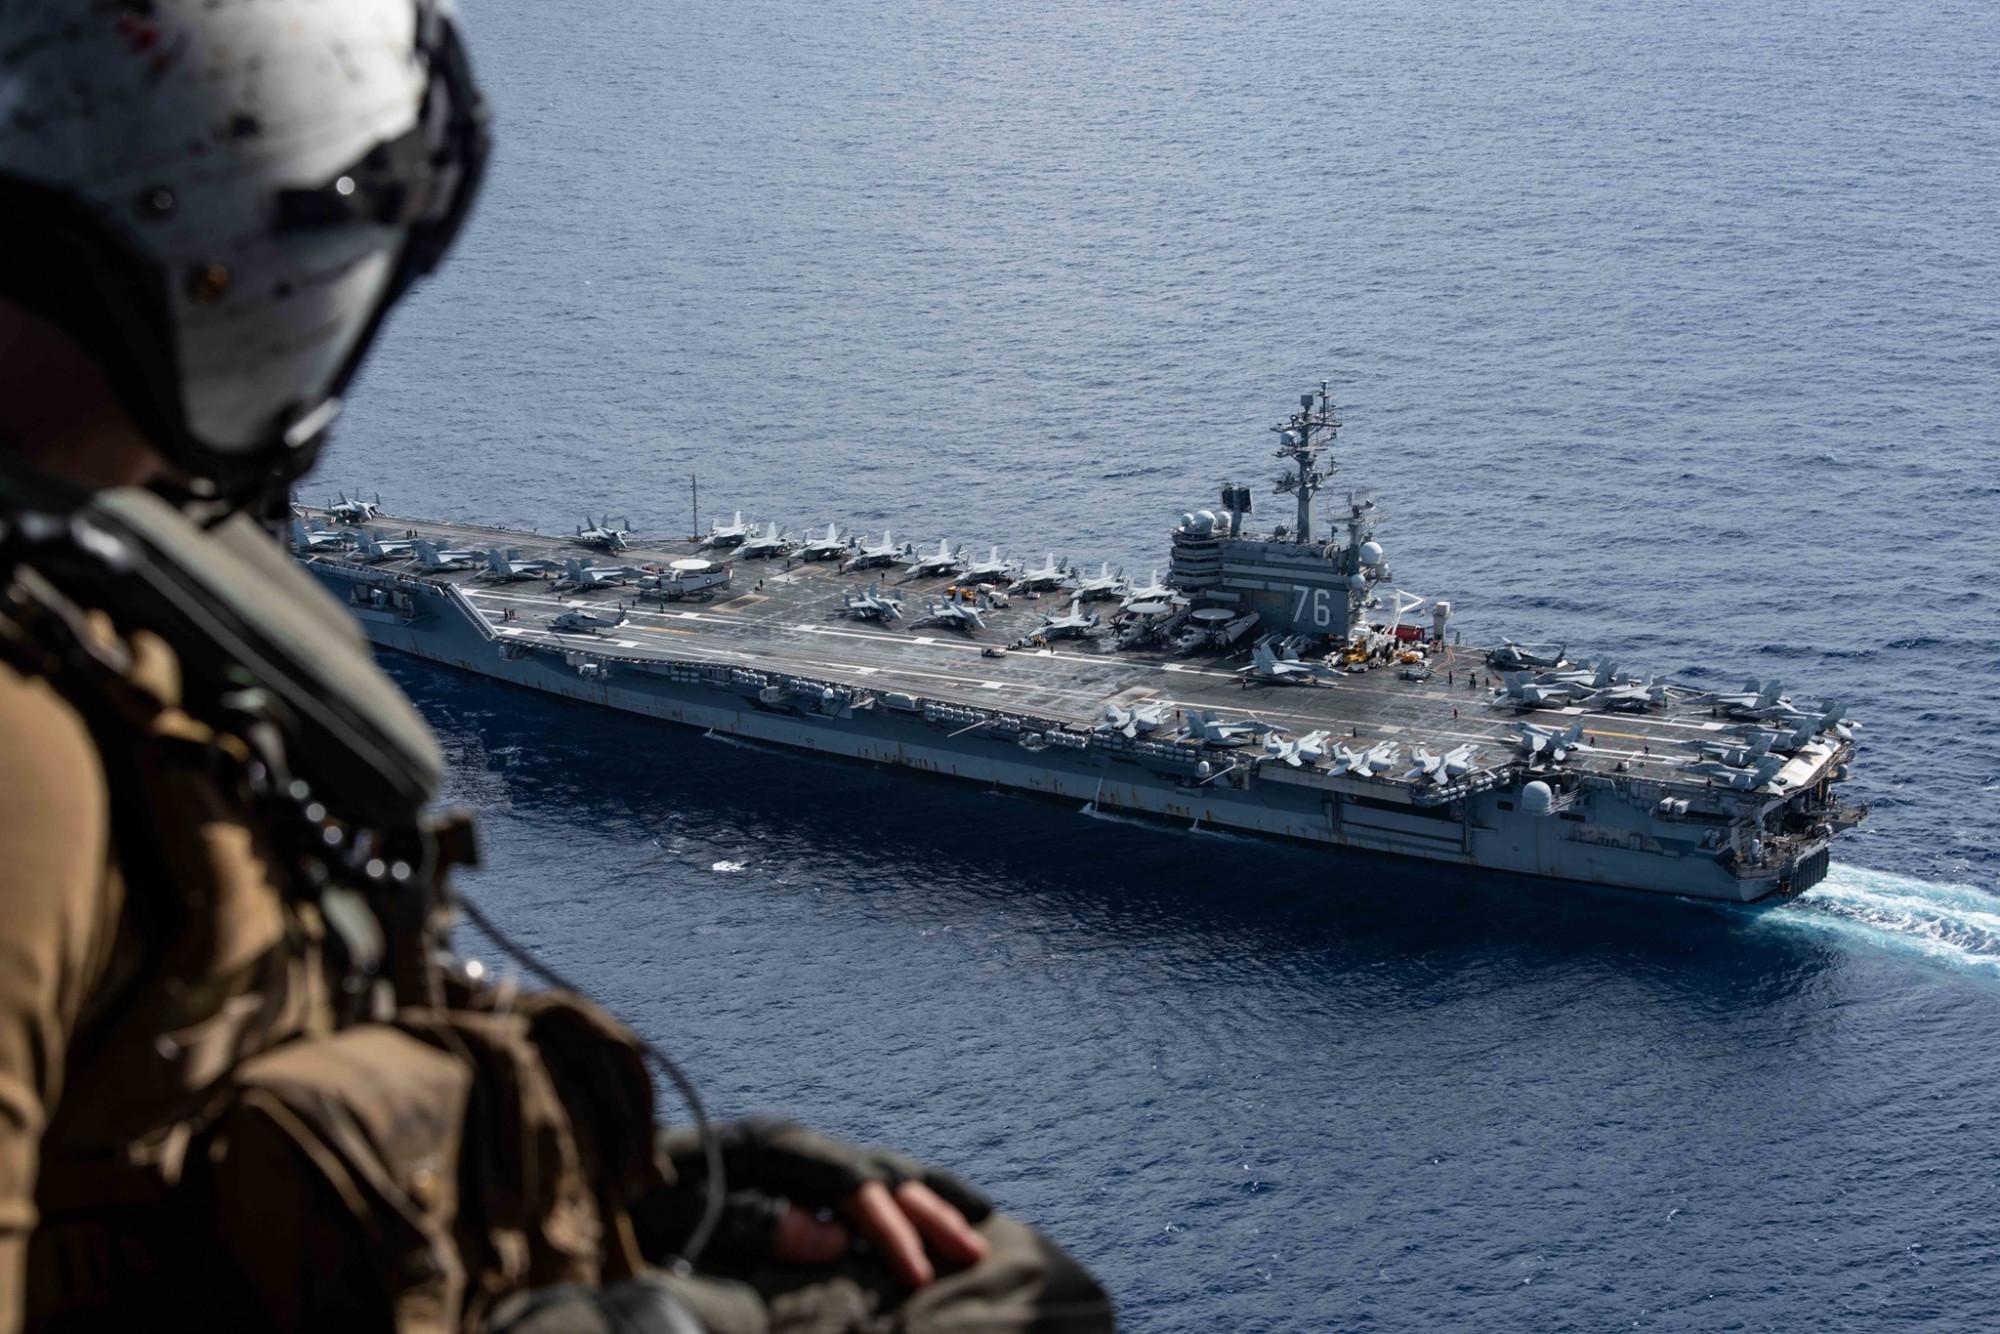 Hàng không mẫu hạm USS Ronald Reagan của Hải quân Mỹ trong một buổi diễn tập chung với tàu tuần dương tên lửa dẫn đường USS Shiloh